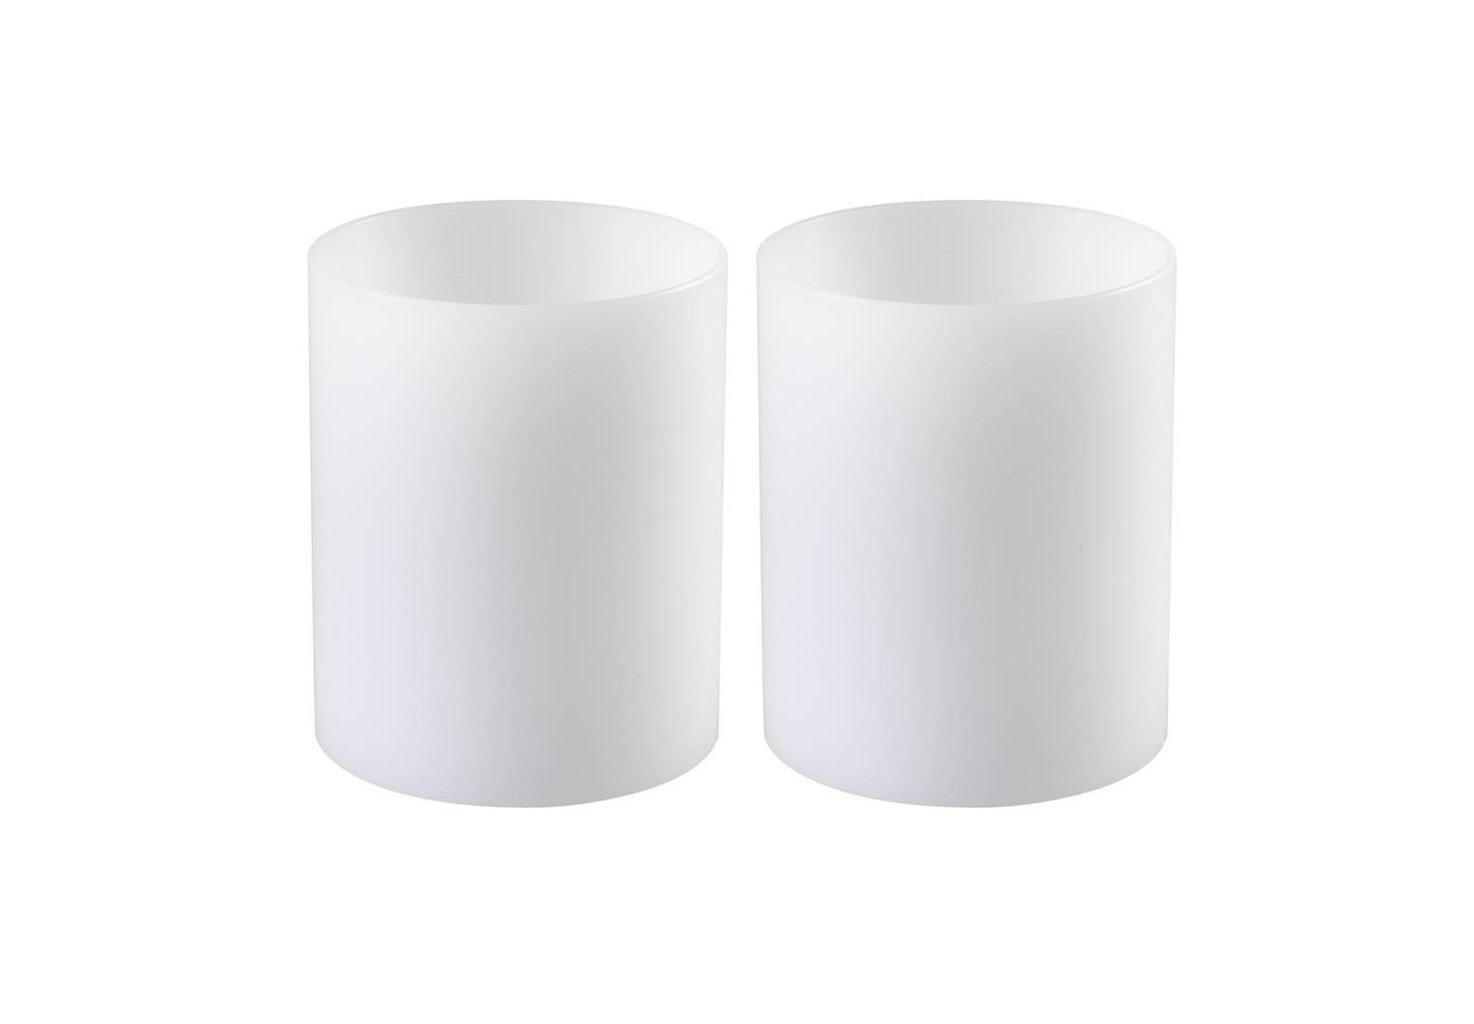 Свеча  (2шт)Подсвечники<br>Набор из двух подсвечников Artificial Candle deep set of 2. Имитация небольшой свечи. Цвет - белый.<br><br>Material: Пластик<br>Высота см: 12